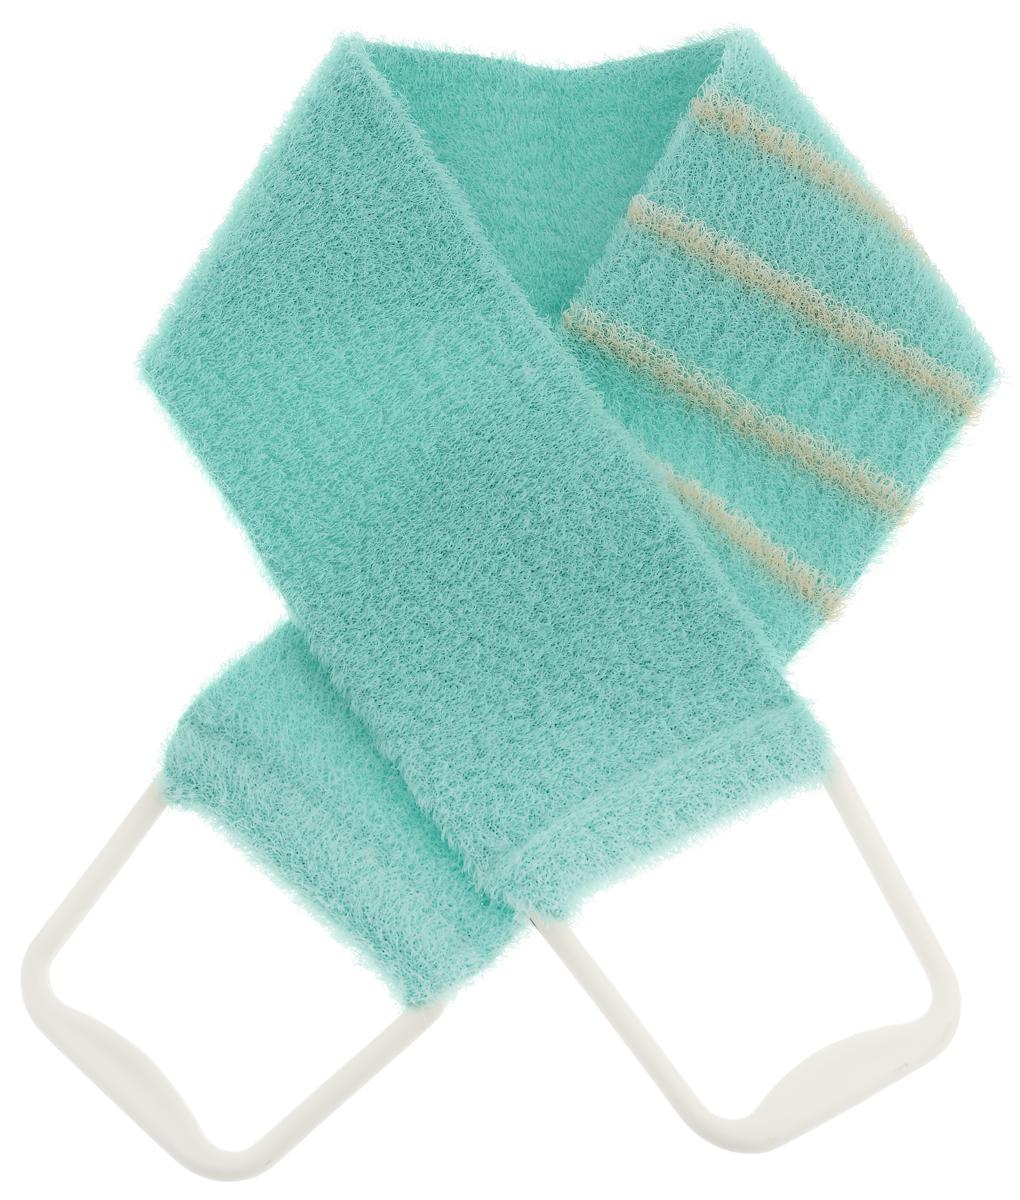 Riffi Мочалка-пояс, массажная, жесткая, цвет: салатовый. 8245010777139655Мочалка-пояс Riffi используется для мытья тела, обладает активным пилинговым действием, тонизируя, массируя и эффективно очищая вашу кожу. Хлопковая основа придает мочалке высокие моющие свойства, а примесь жестких синтетических волокон усиливает ее массажное воздействие на кожу. Для удобства применения пояс снабжен двумя пластиковыми ручками.Благодаря отшелушивающему эффекту мочалки-пояса, кожа освобождается от отмерших клеток, становится гладкой, упругой и свежей. Массаж тела с применением Riffi стимулирует кровообращение, активирует кровоснабжение, способствует обмену веществ, что в свою очередь позволяет себя чувствовать бодрым и отдохнувшим после принятия душа или ванны. Riffi регенерирует кожу, делает ее приятно нежной, мягкой и лучше готовой к принятию косметических средств. Приносит приятное расслабление всему организму. Борется со спазмами и болями в мышцах, предупреждает образование целлюлита и обеспечивает омолаживающий эффект. Моет легко и энергично. Быстро сохнет. Гипоаллергенная.Товар сертифицирован.